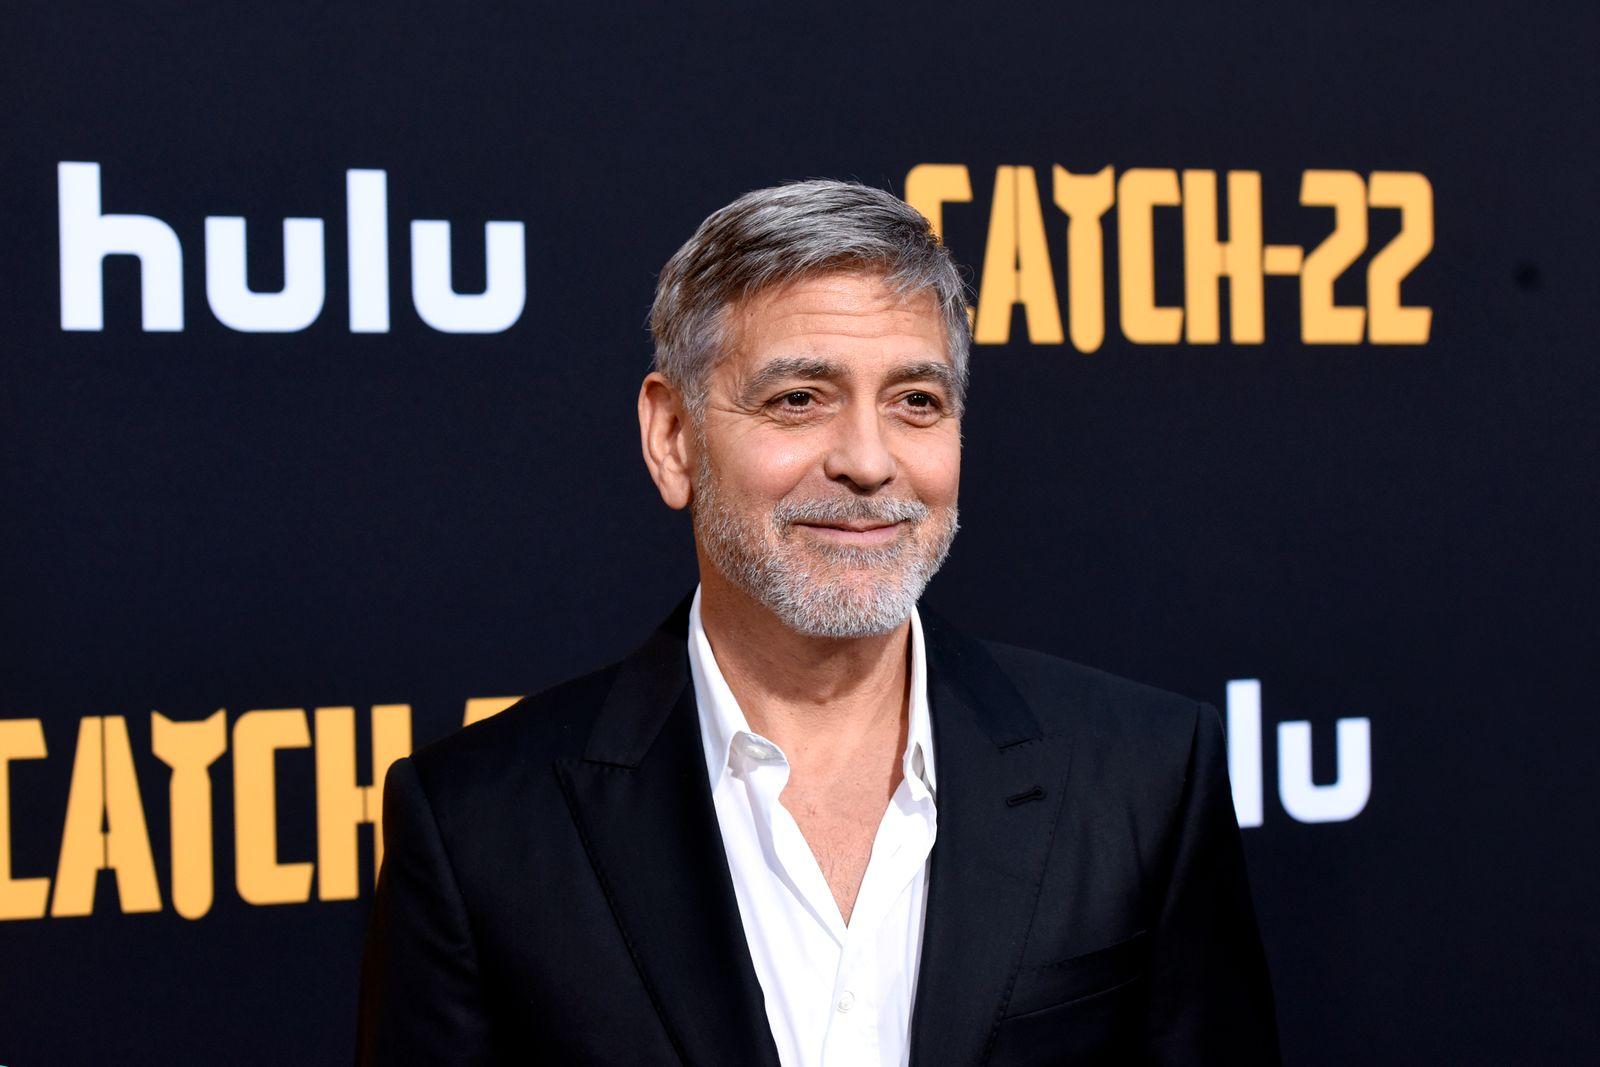 """Premiere Of Hulu's """"Catch-22"""""""